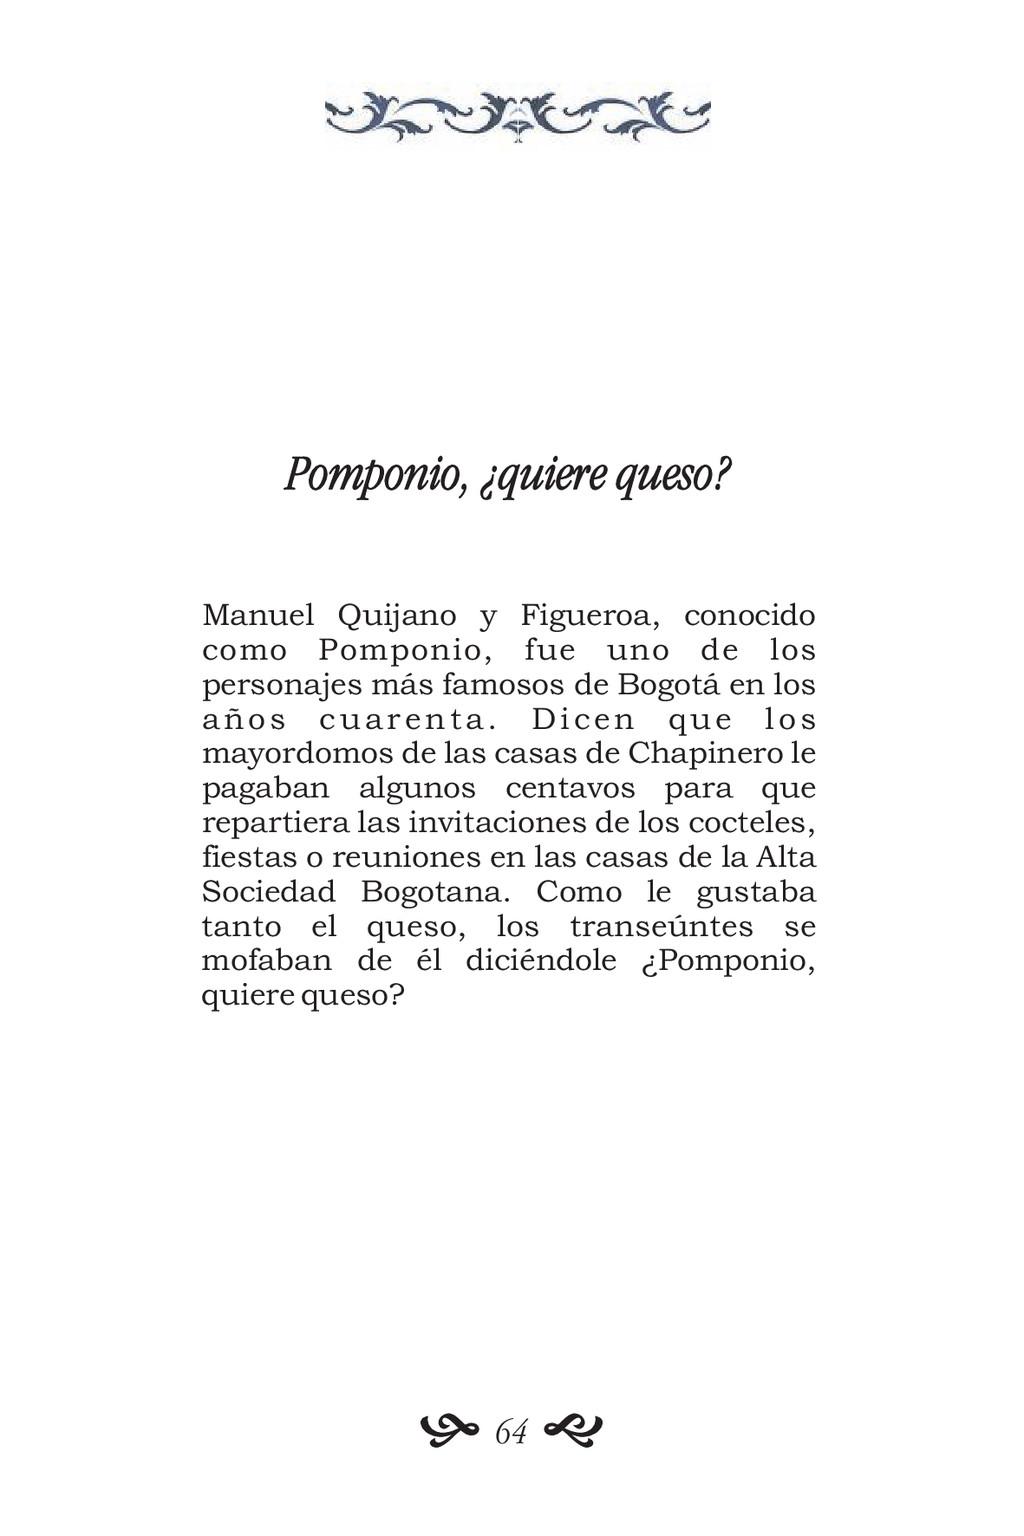 Pomponio, ¿quiere queso? Manuel Quijano y Figue...